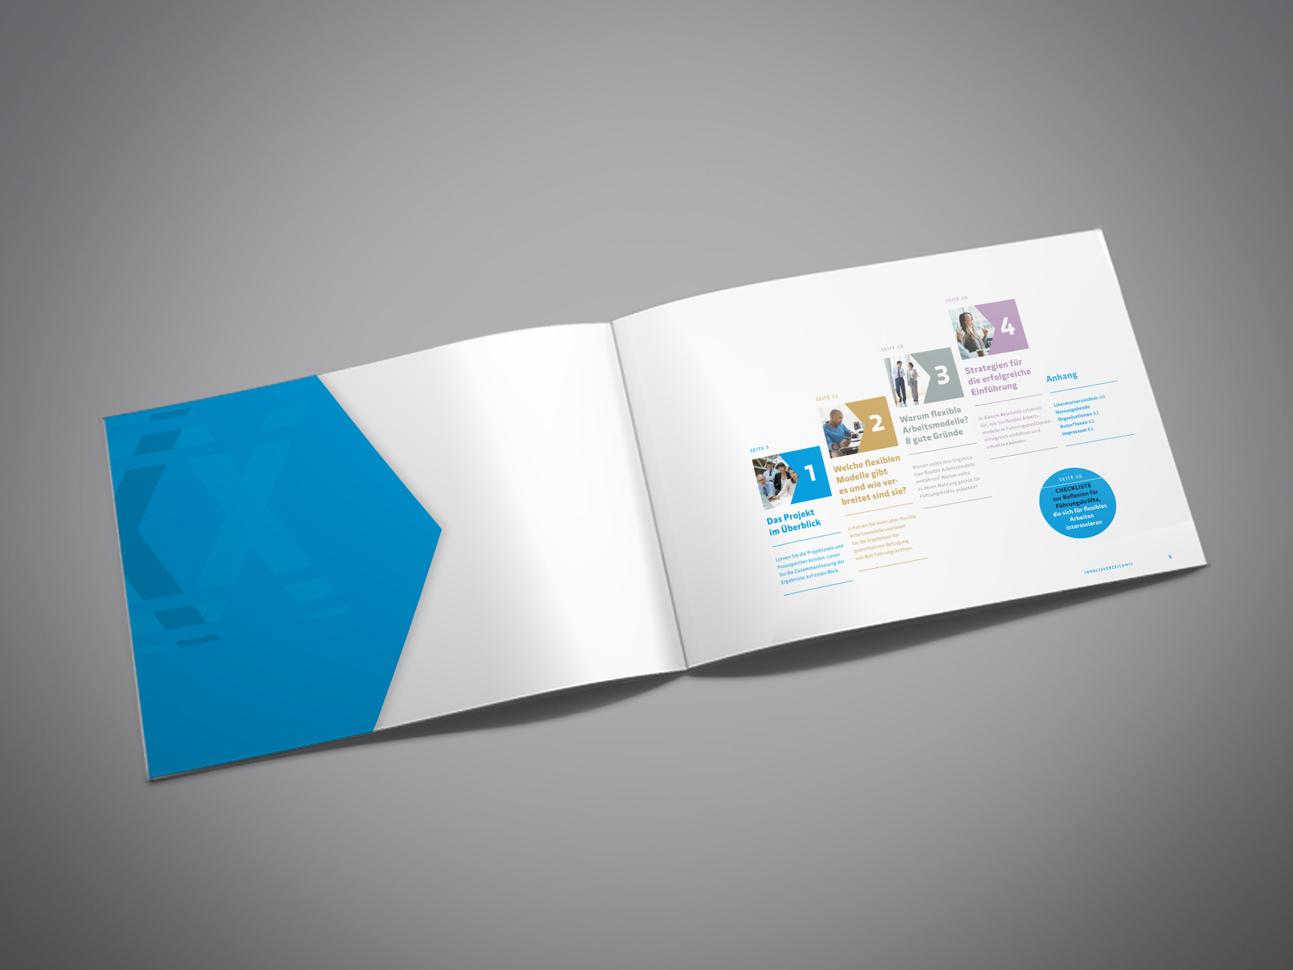 martin_zech_design_projekt_design_flexship_praxisleitfaden_inhalt